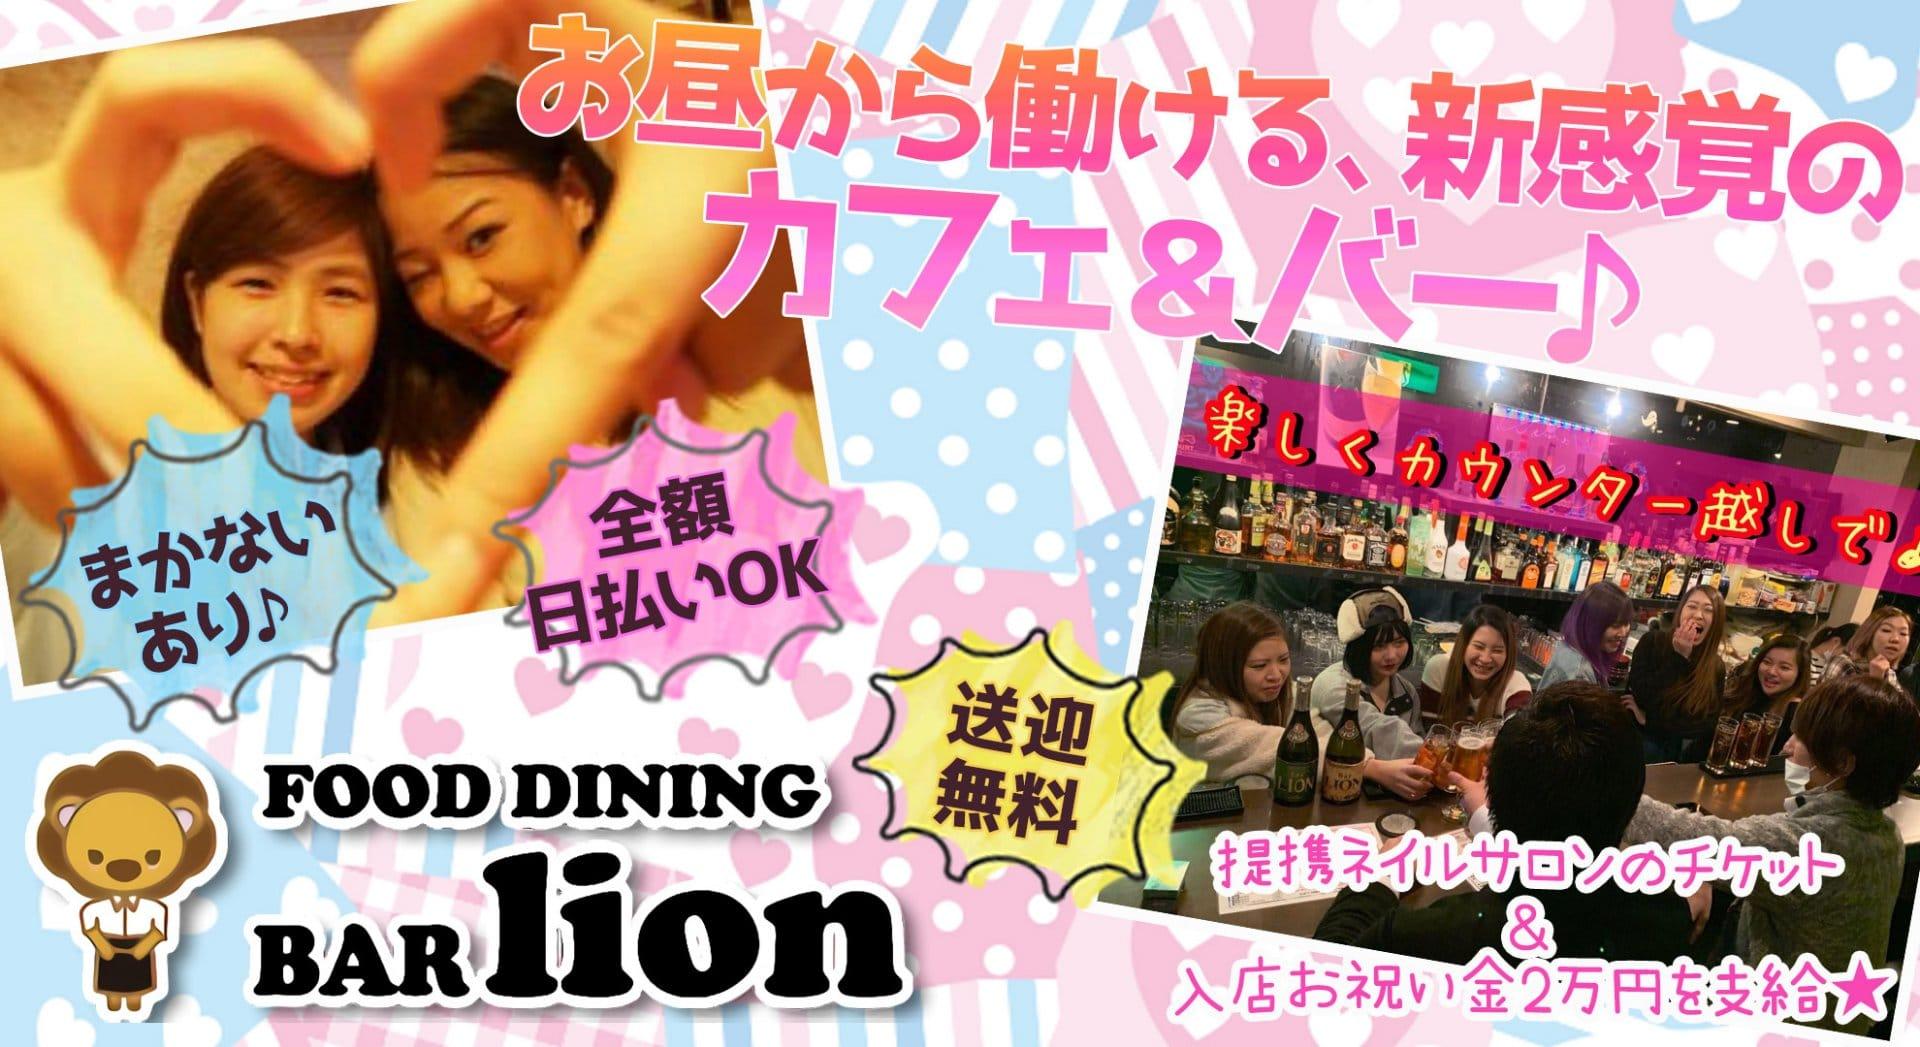 【昼・夜】Cafe & Bar lion(リオン) 川崎ガールズバー TOP画像